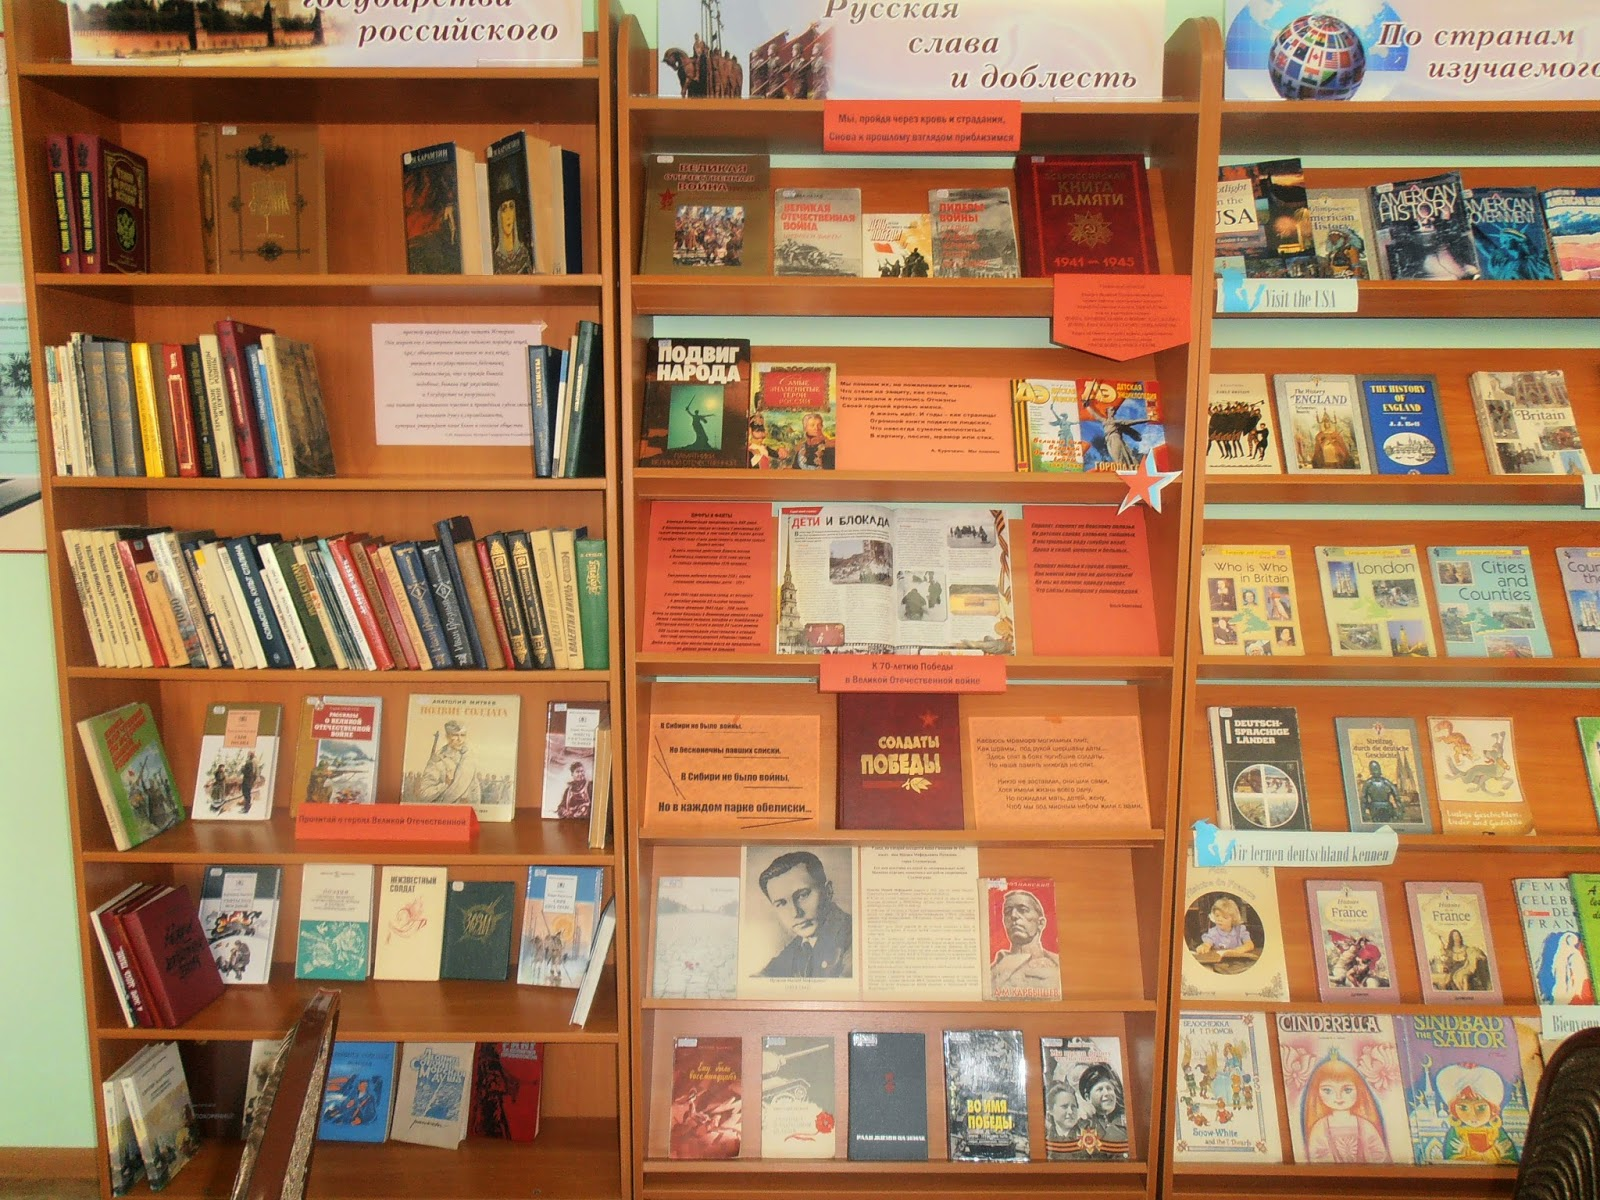 Книжная выставка русская слава и